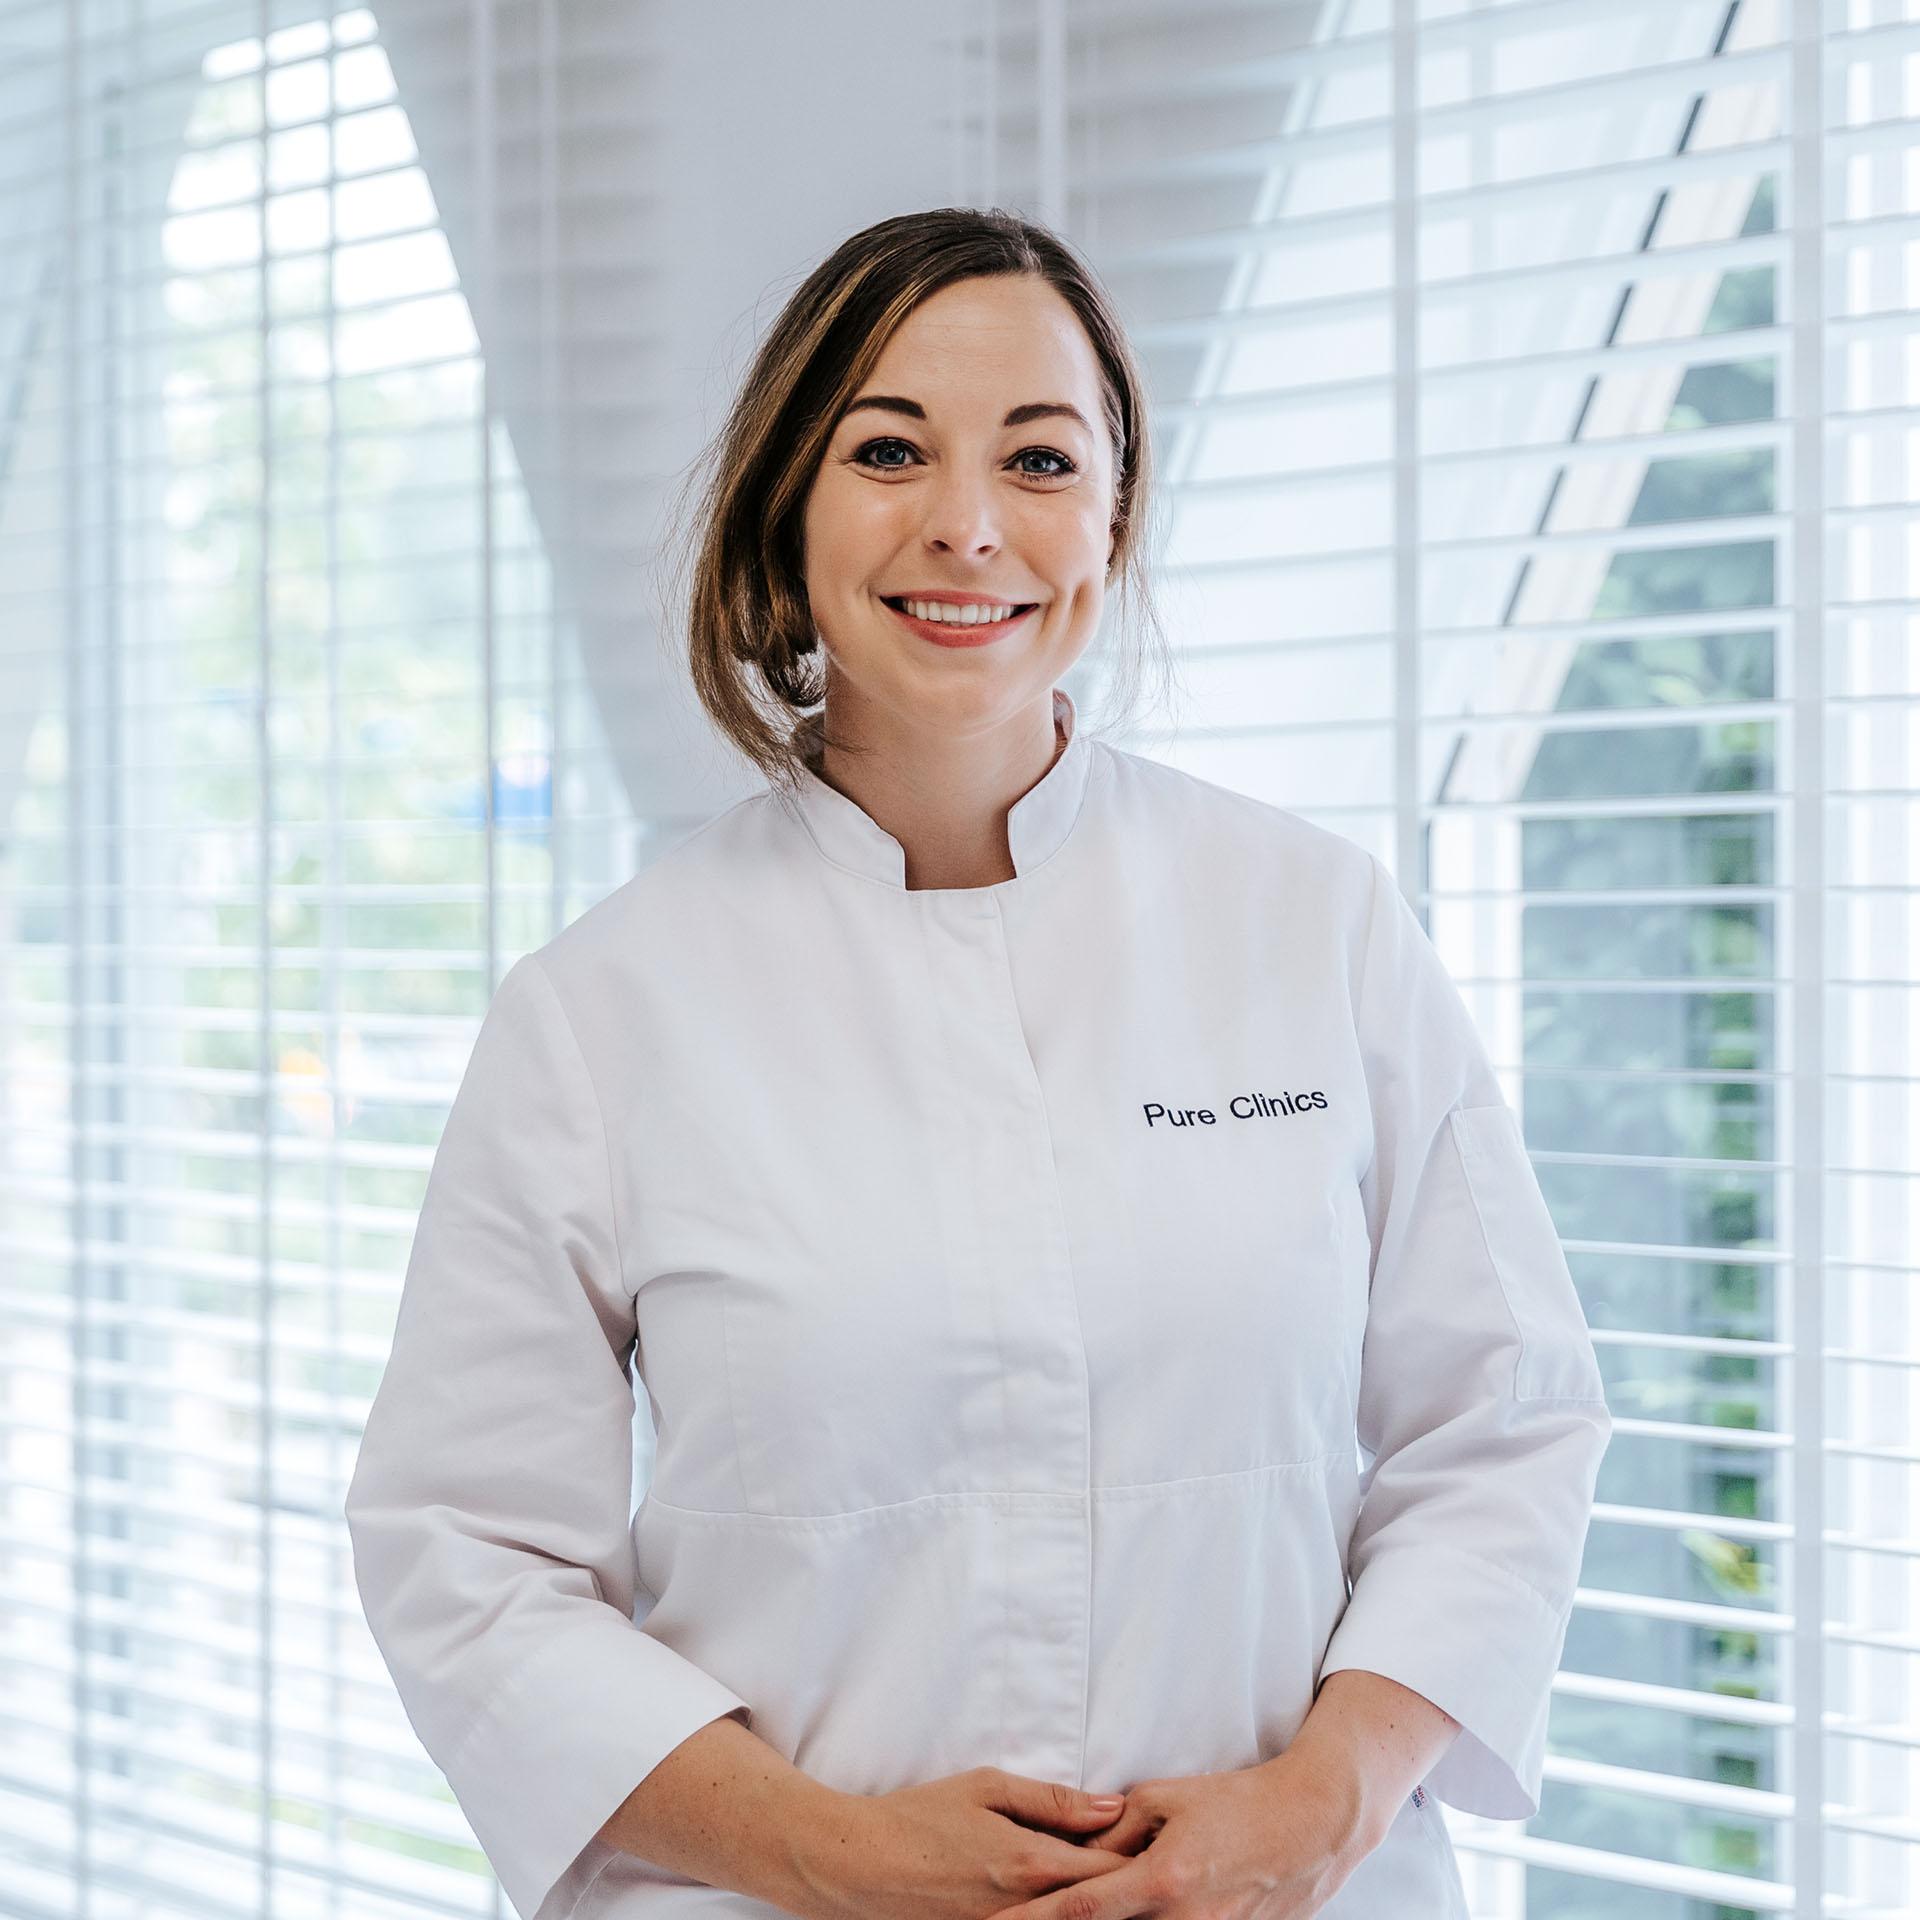 Pure-Clinics-Rachel-Kleijbergen-Huidtherapeut